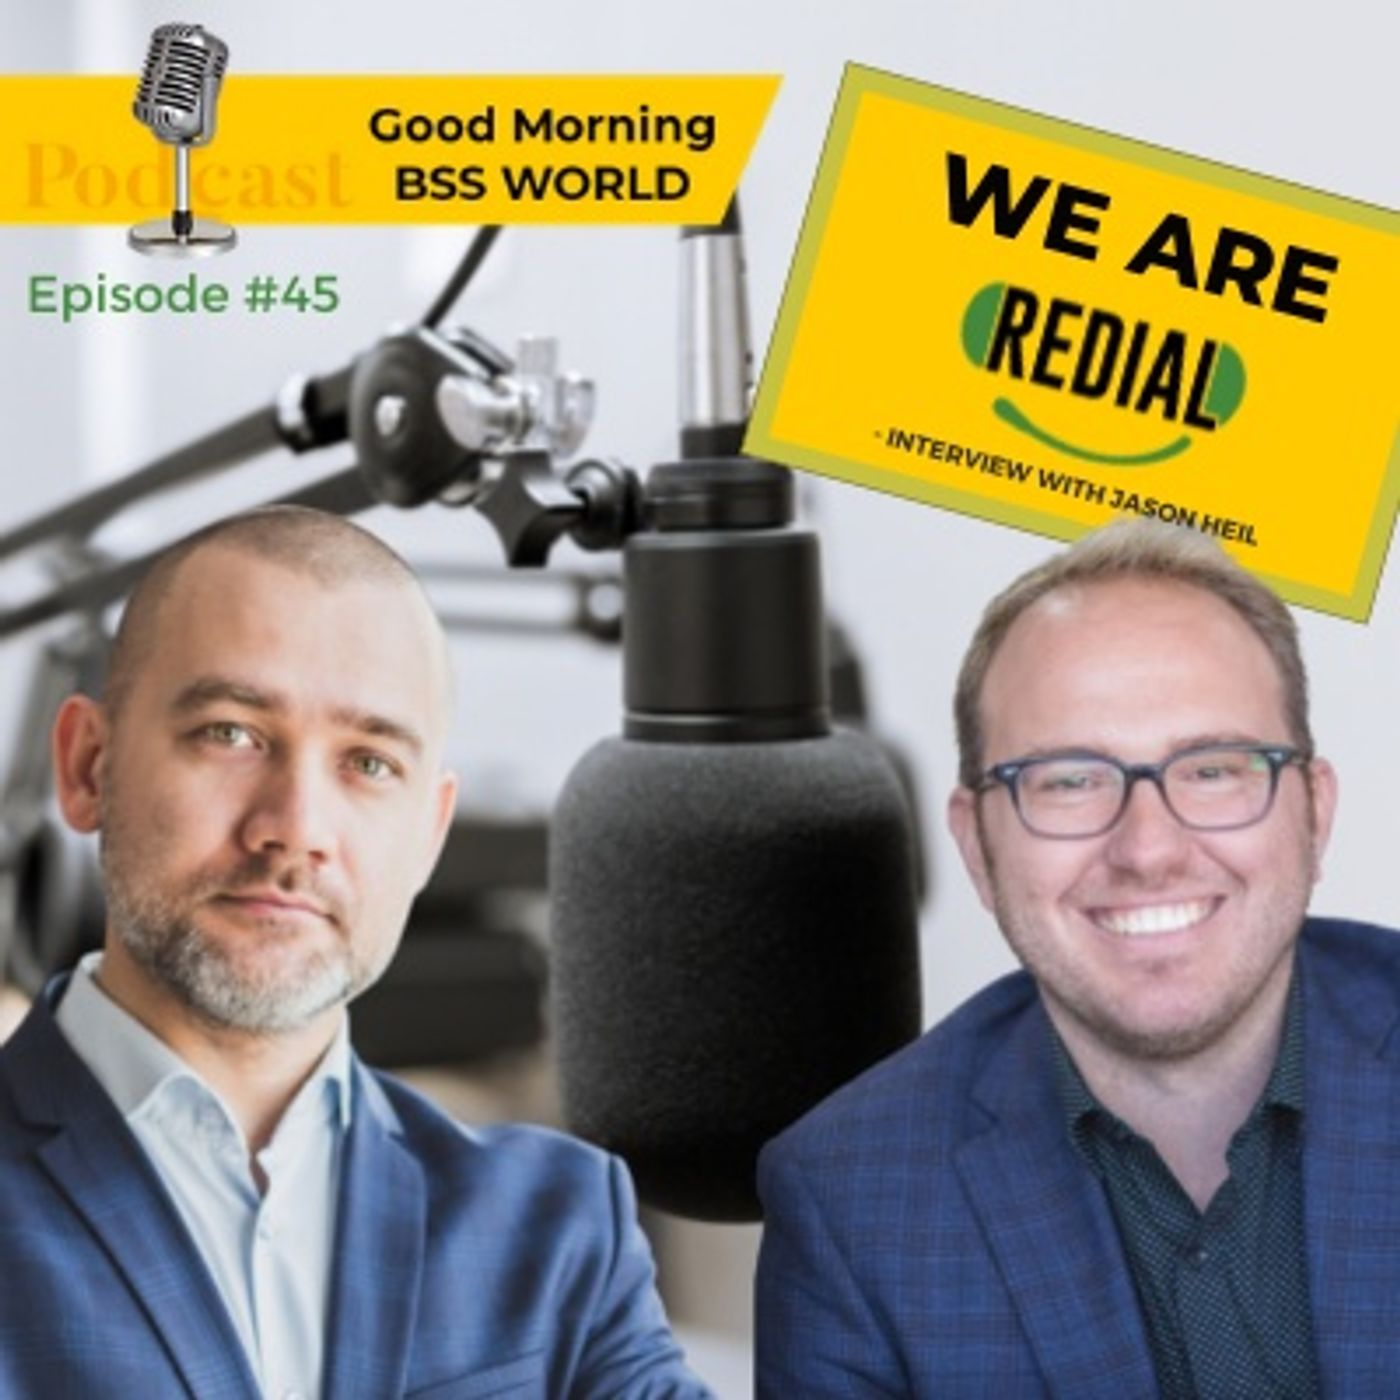 #45 BPO around the World - We are Redial BPO - interview with Jason Heil